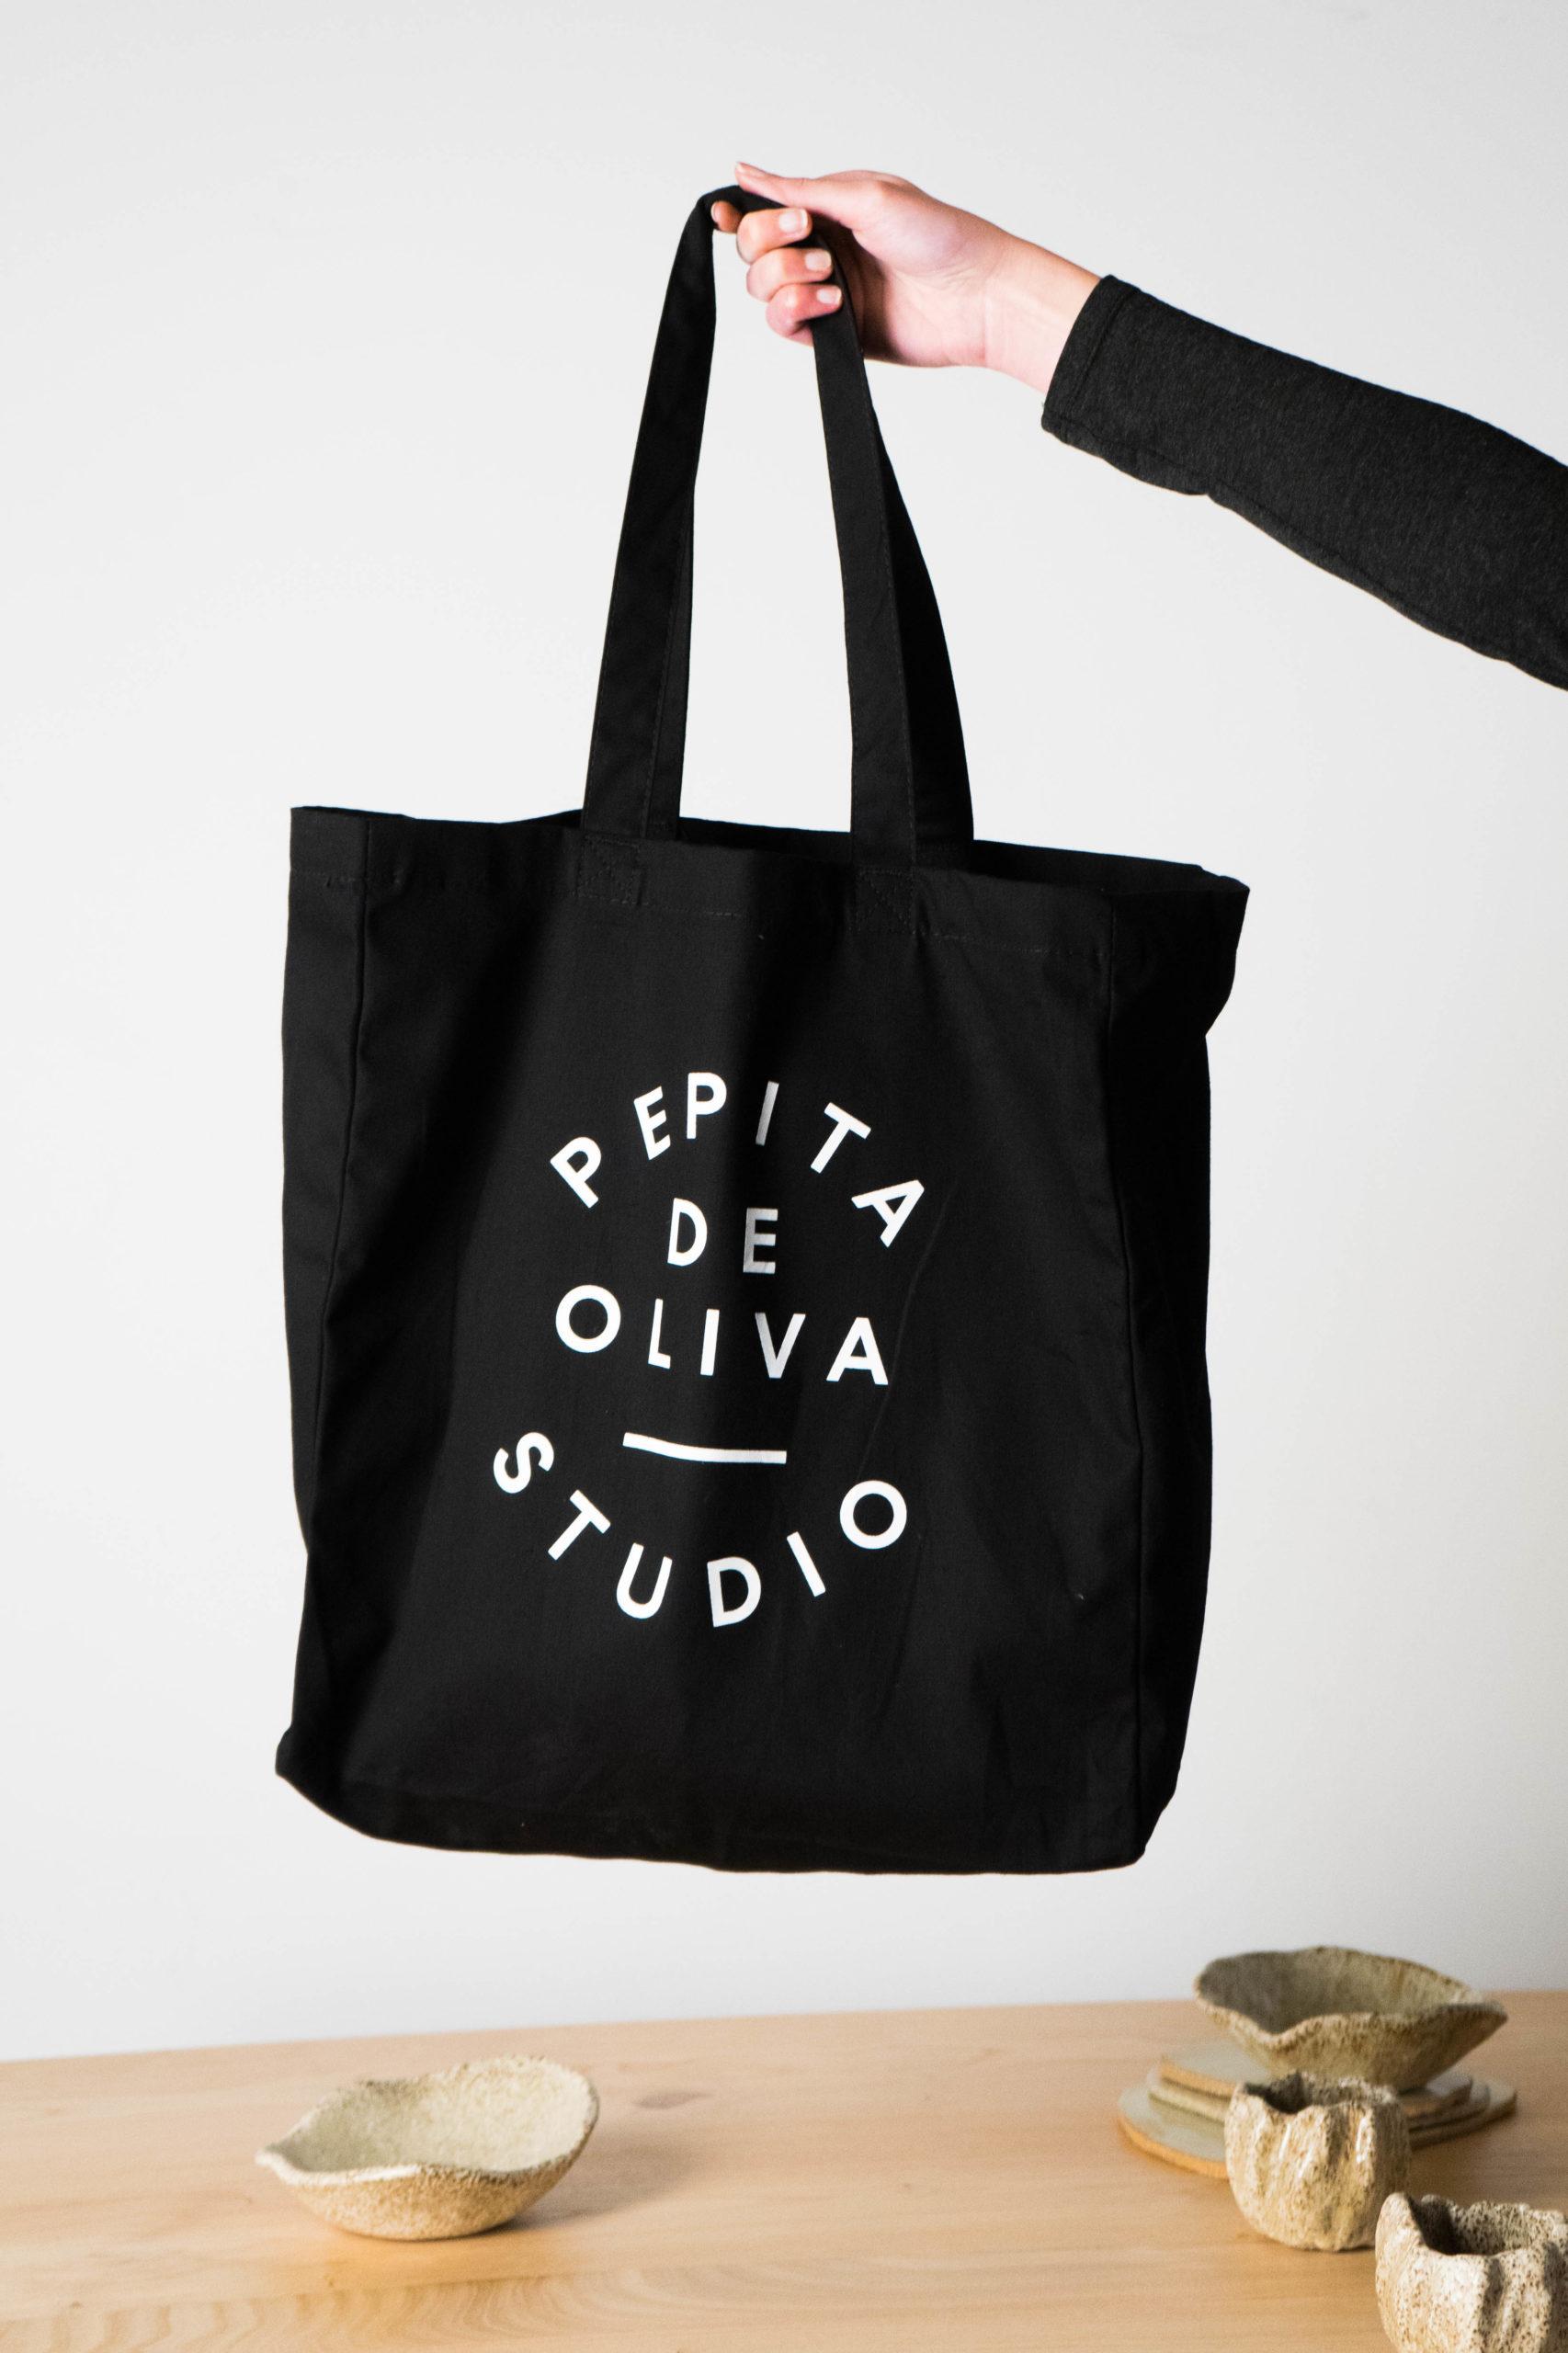 bolsa de calidad asa tela de diseño hecha a mano negra serigrafia